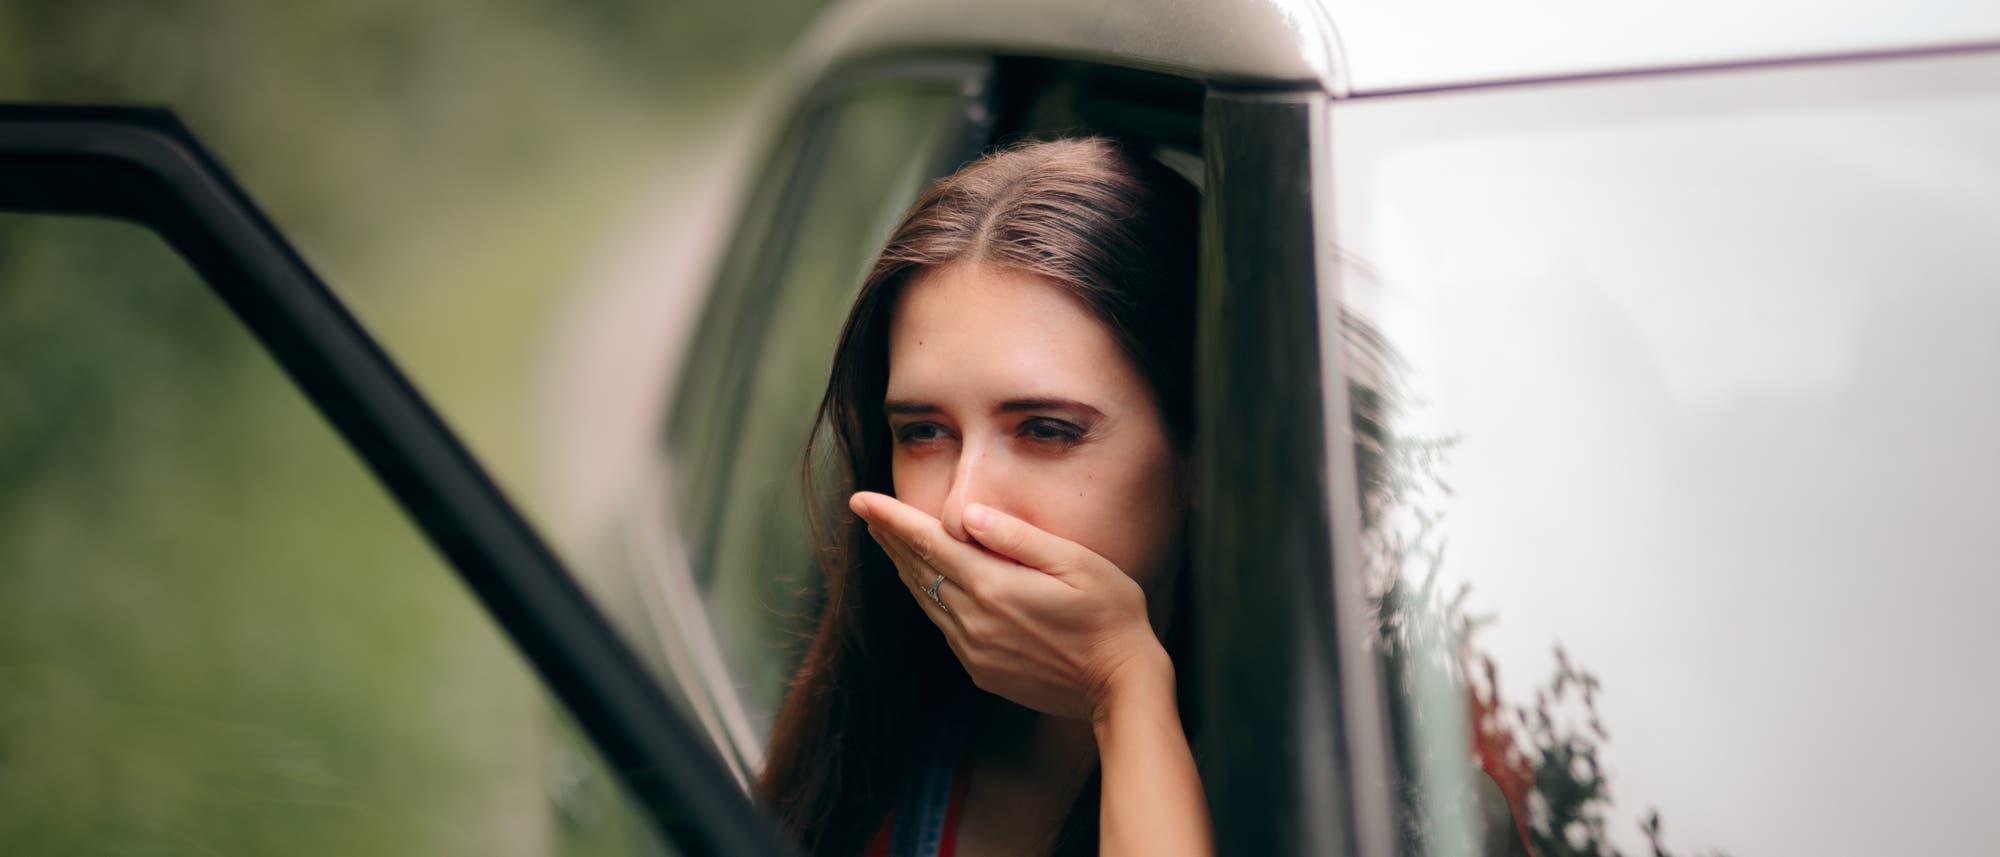 Frau, der bei der Autofahrt schlecht geworden ist.